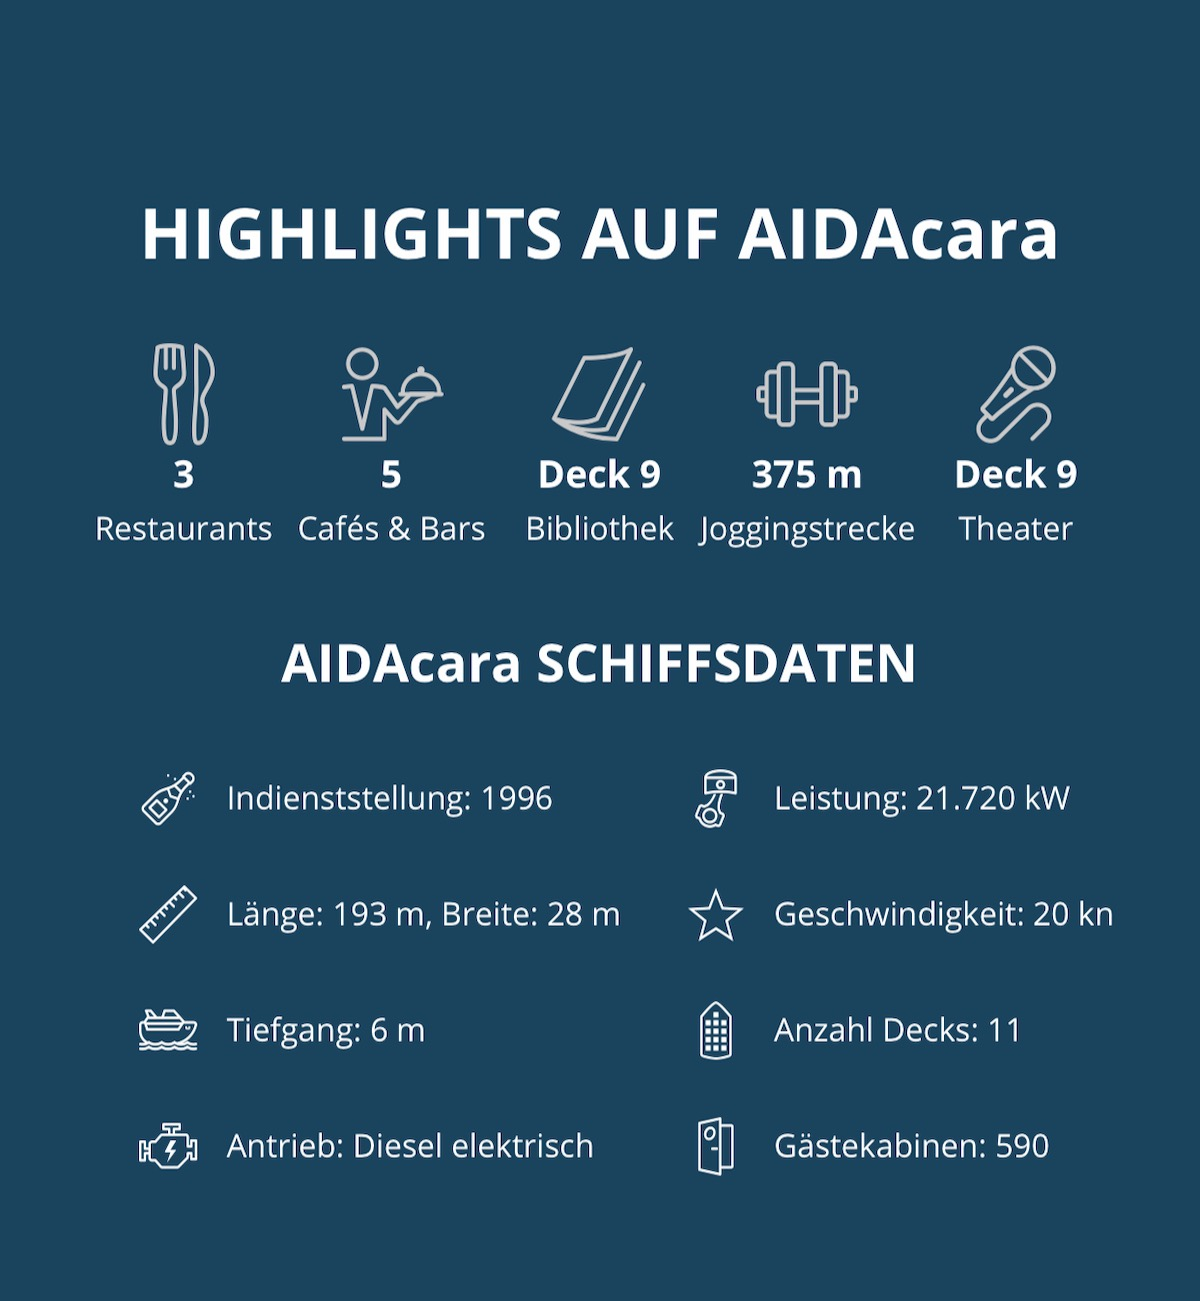 aida-cruises-ships-aidacara-daten-mobil